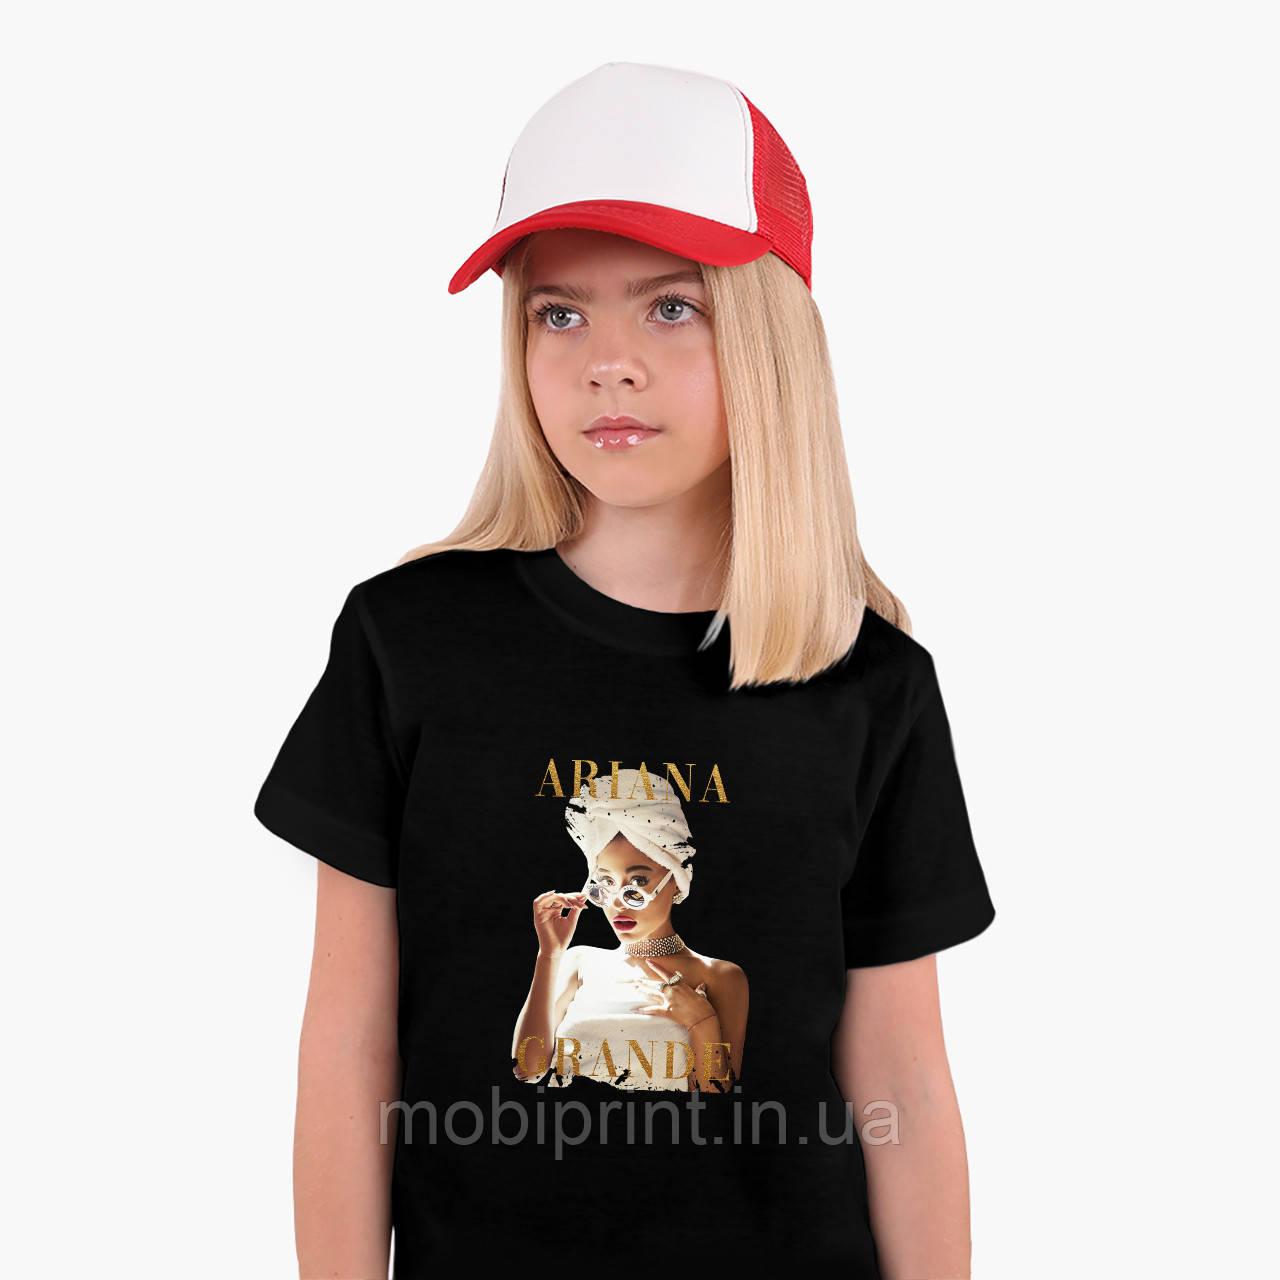 Детская футболка для девочек Ариана Гранде (Ariana Grande) (25186-1623) Черный